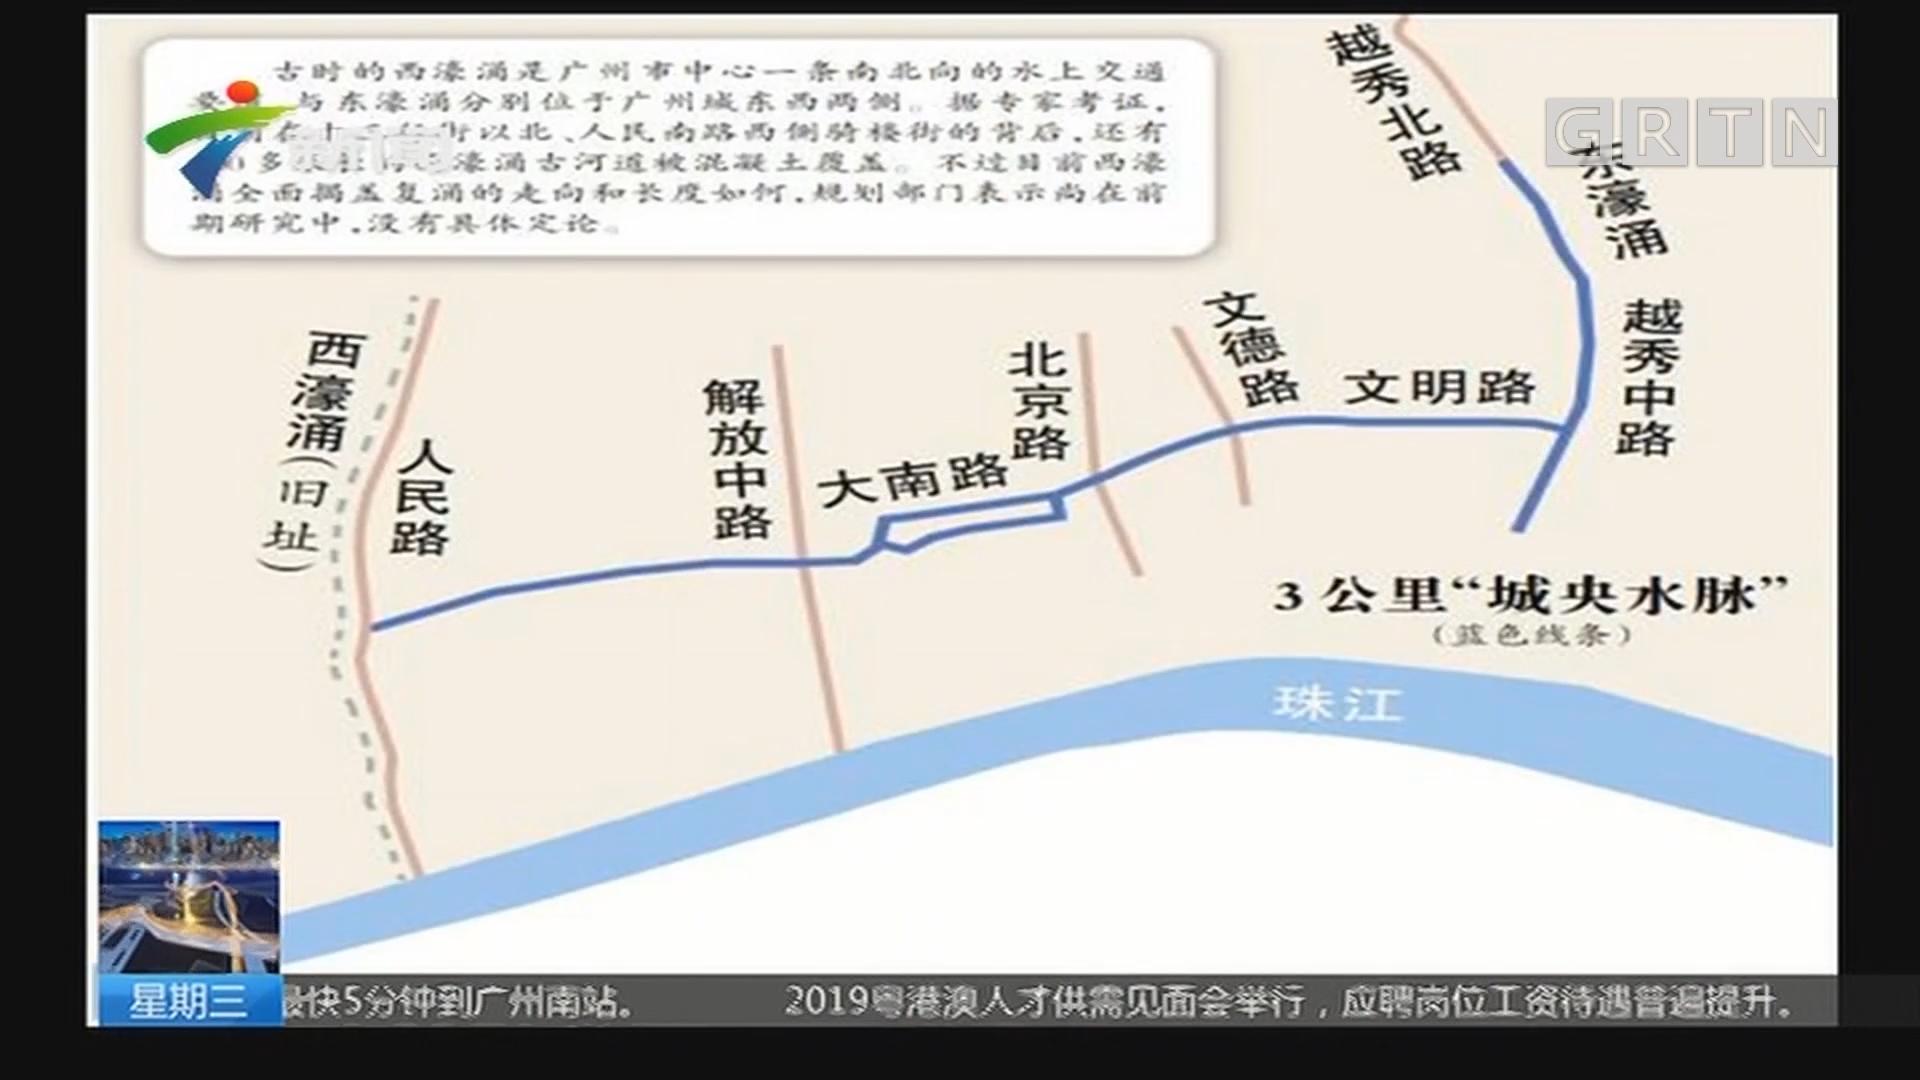 广州:推动西濠涌全面揭盖复涌 重现西关水系